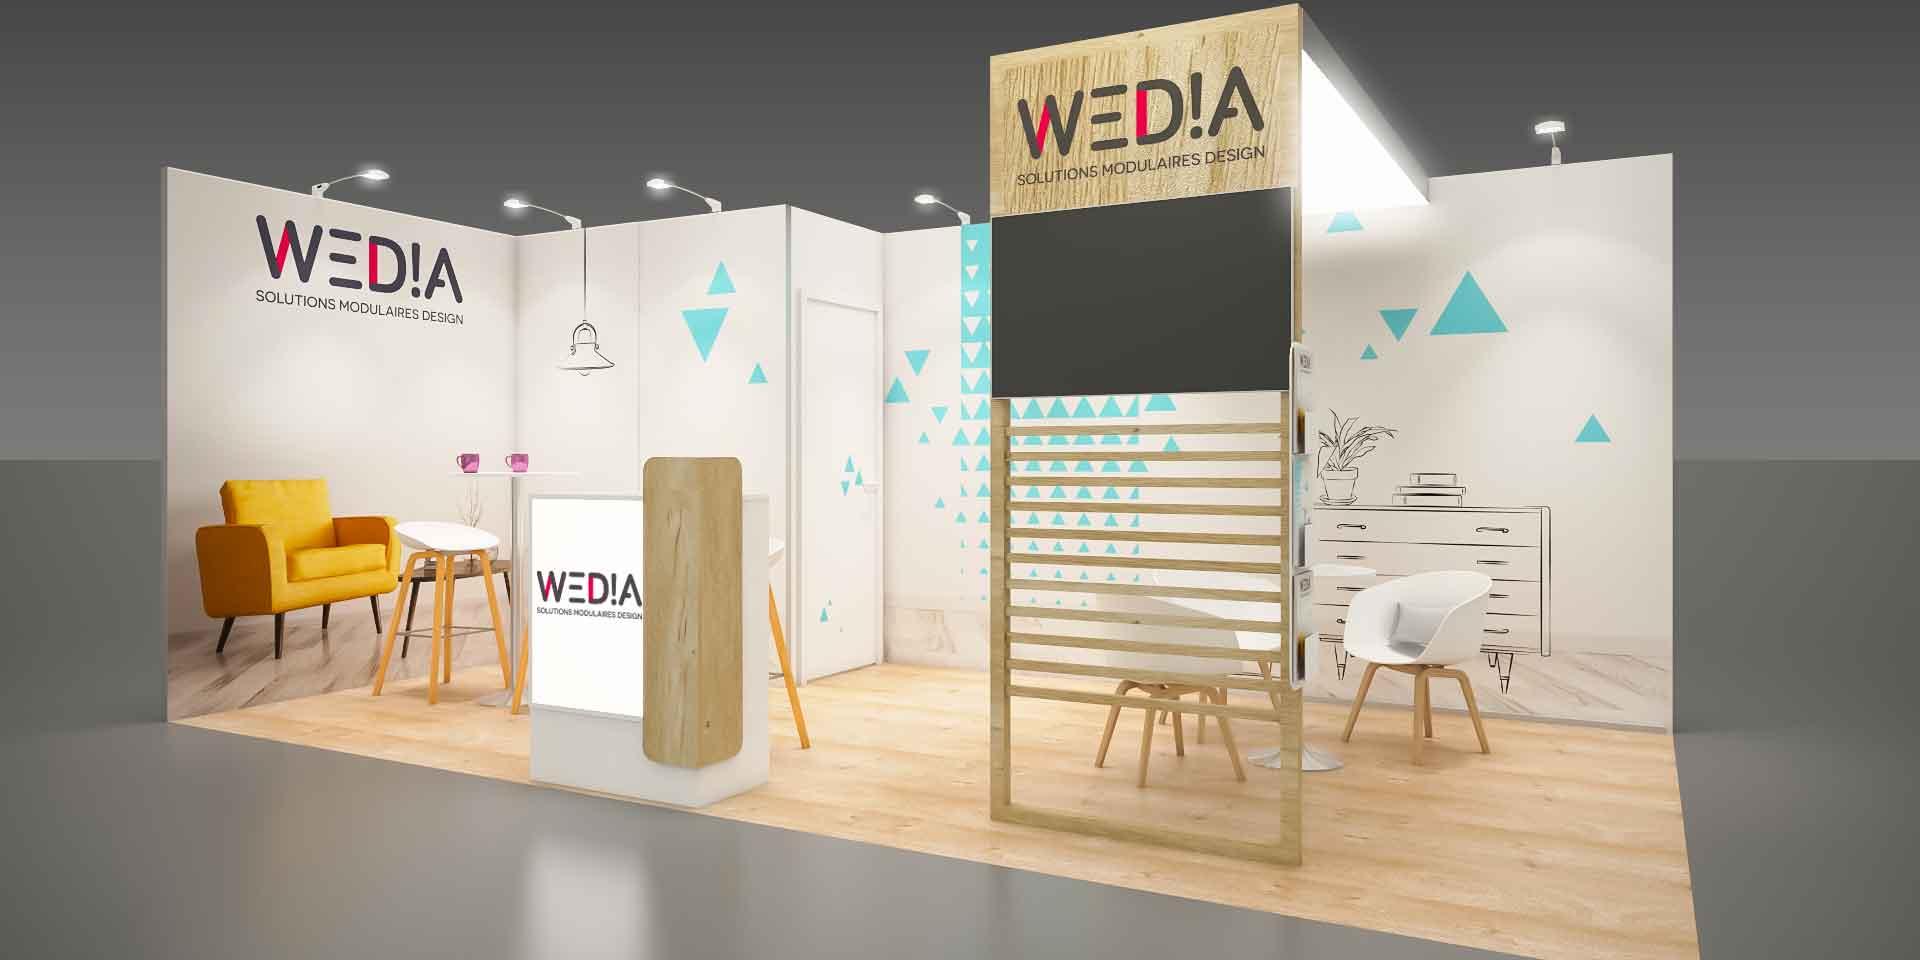 Le standiste Media Product crée le concept « Wedia »